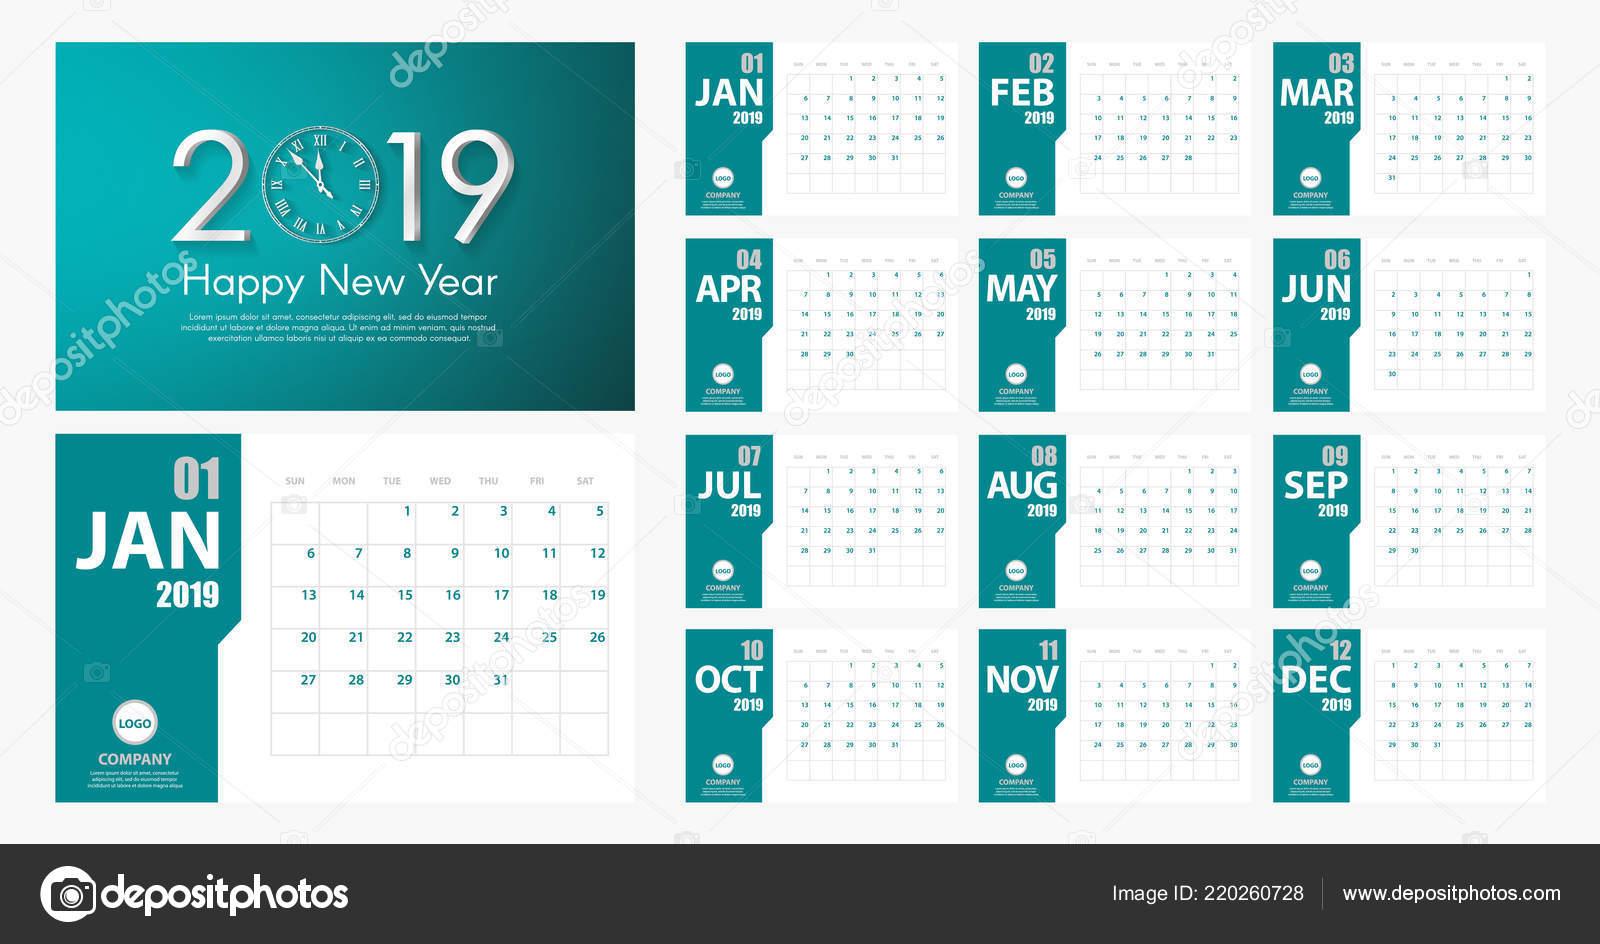 Calendario 2019 Moderno.2019 Nuovo Anno Del Calendario Stile Semplice Moderno